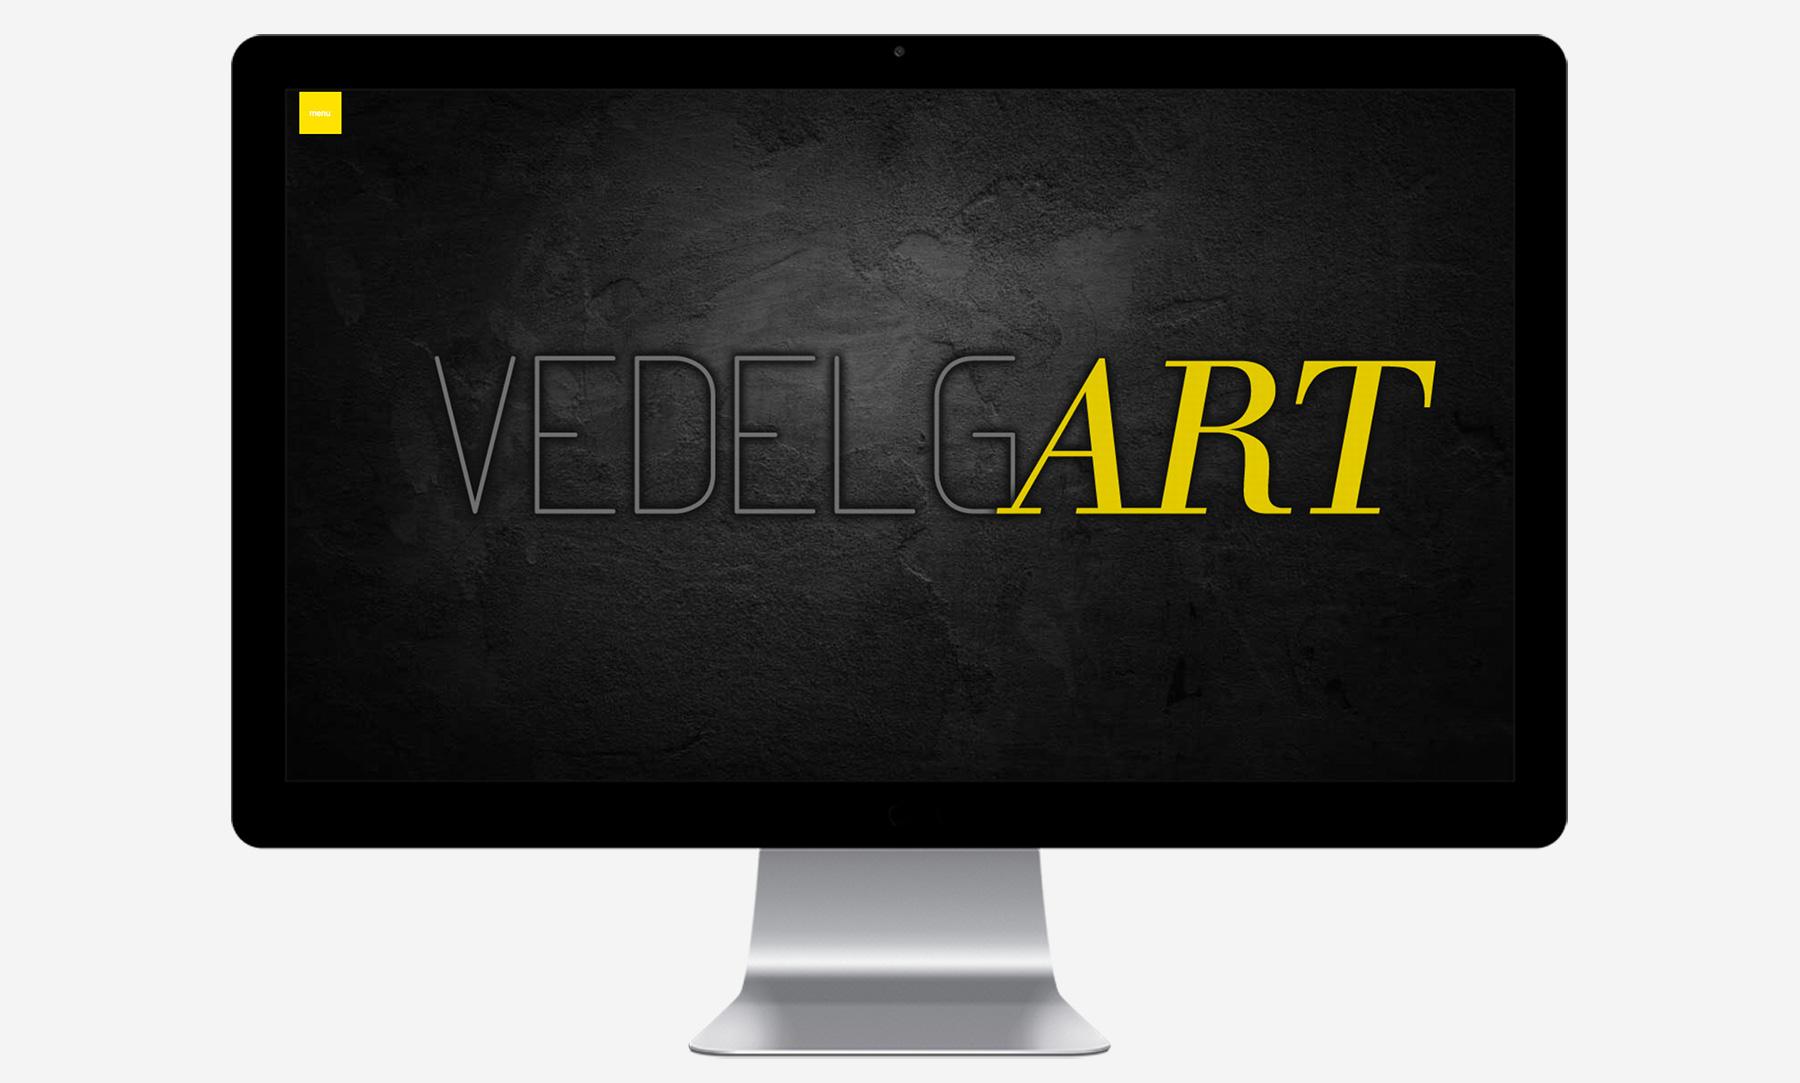 VedelgART: Desktop